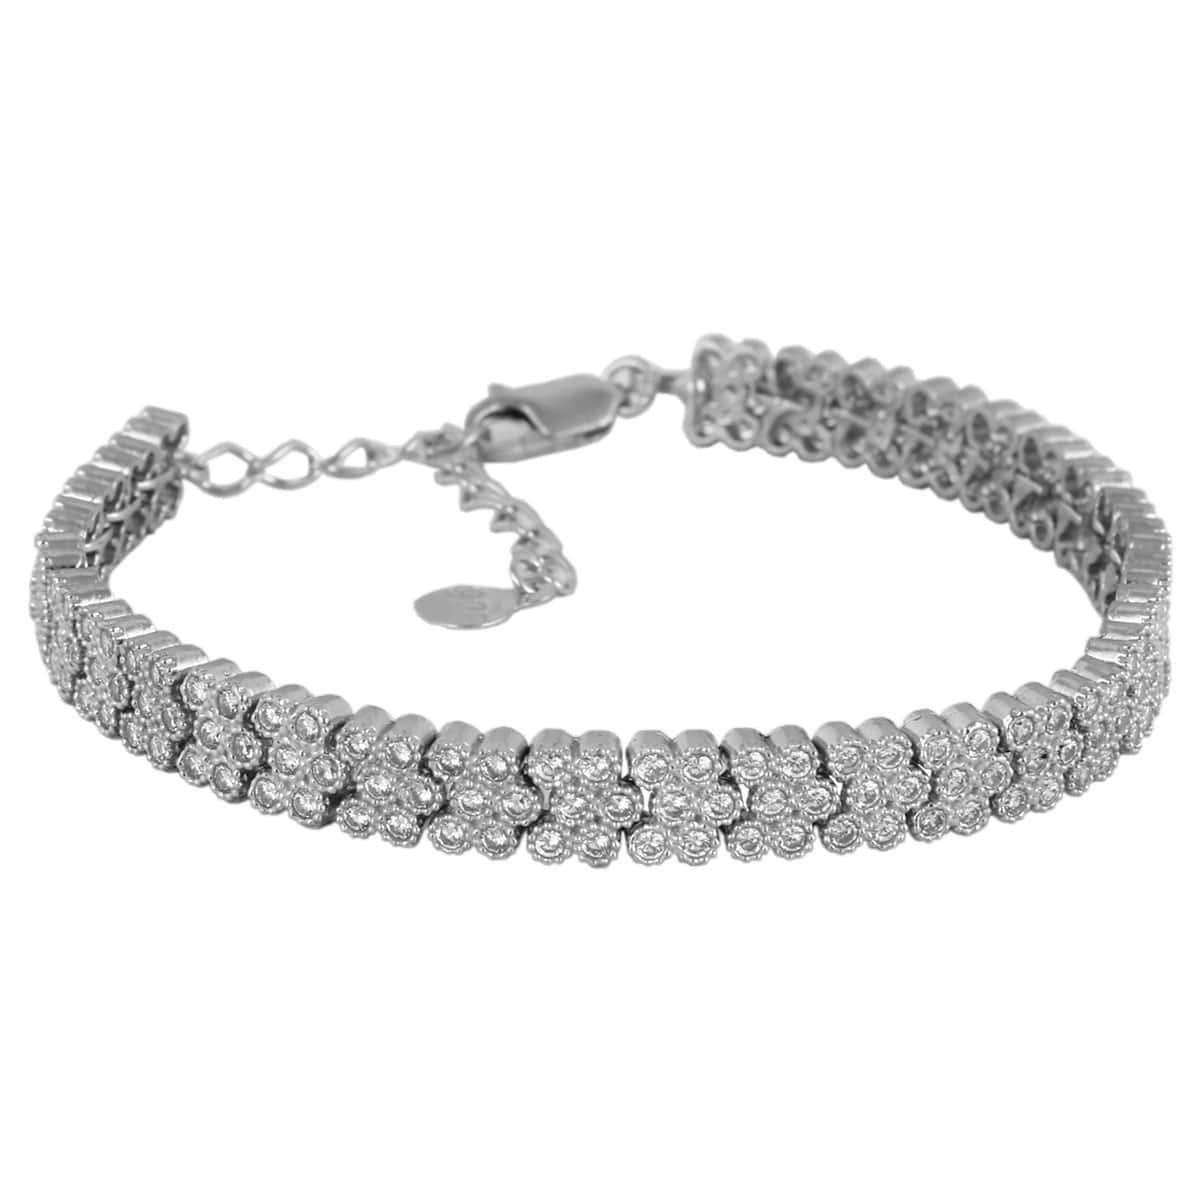 خرید دستبند نقره زنانه نگین دار مدل Jewelry